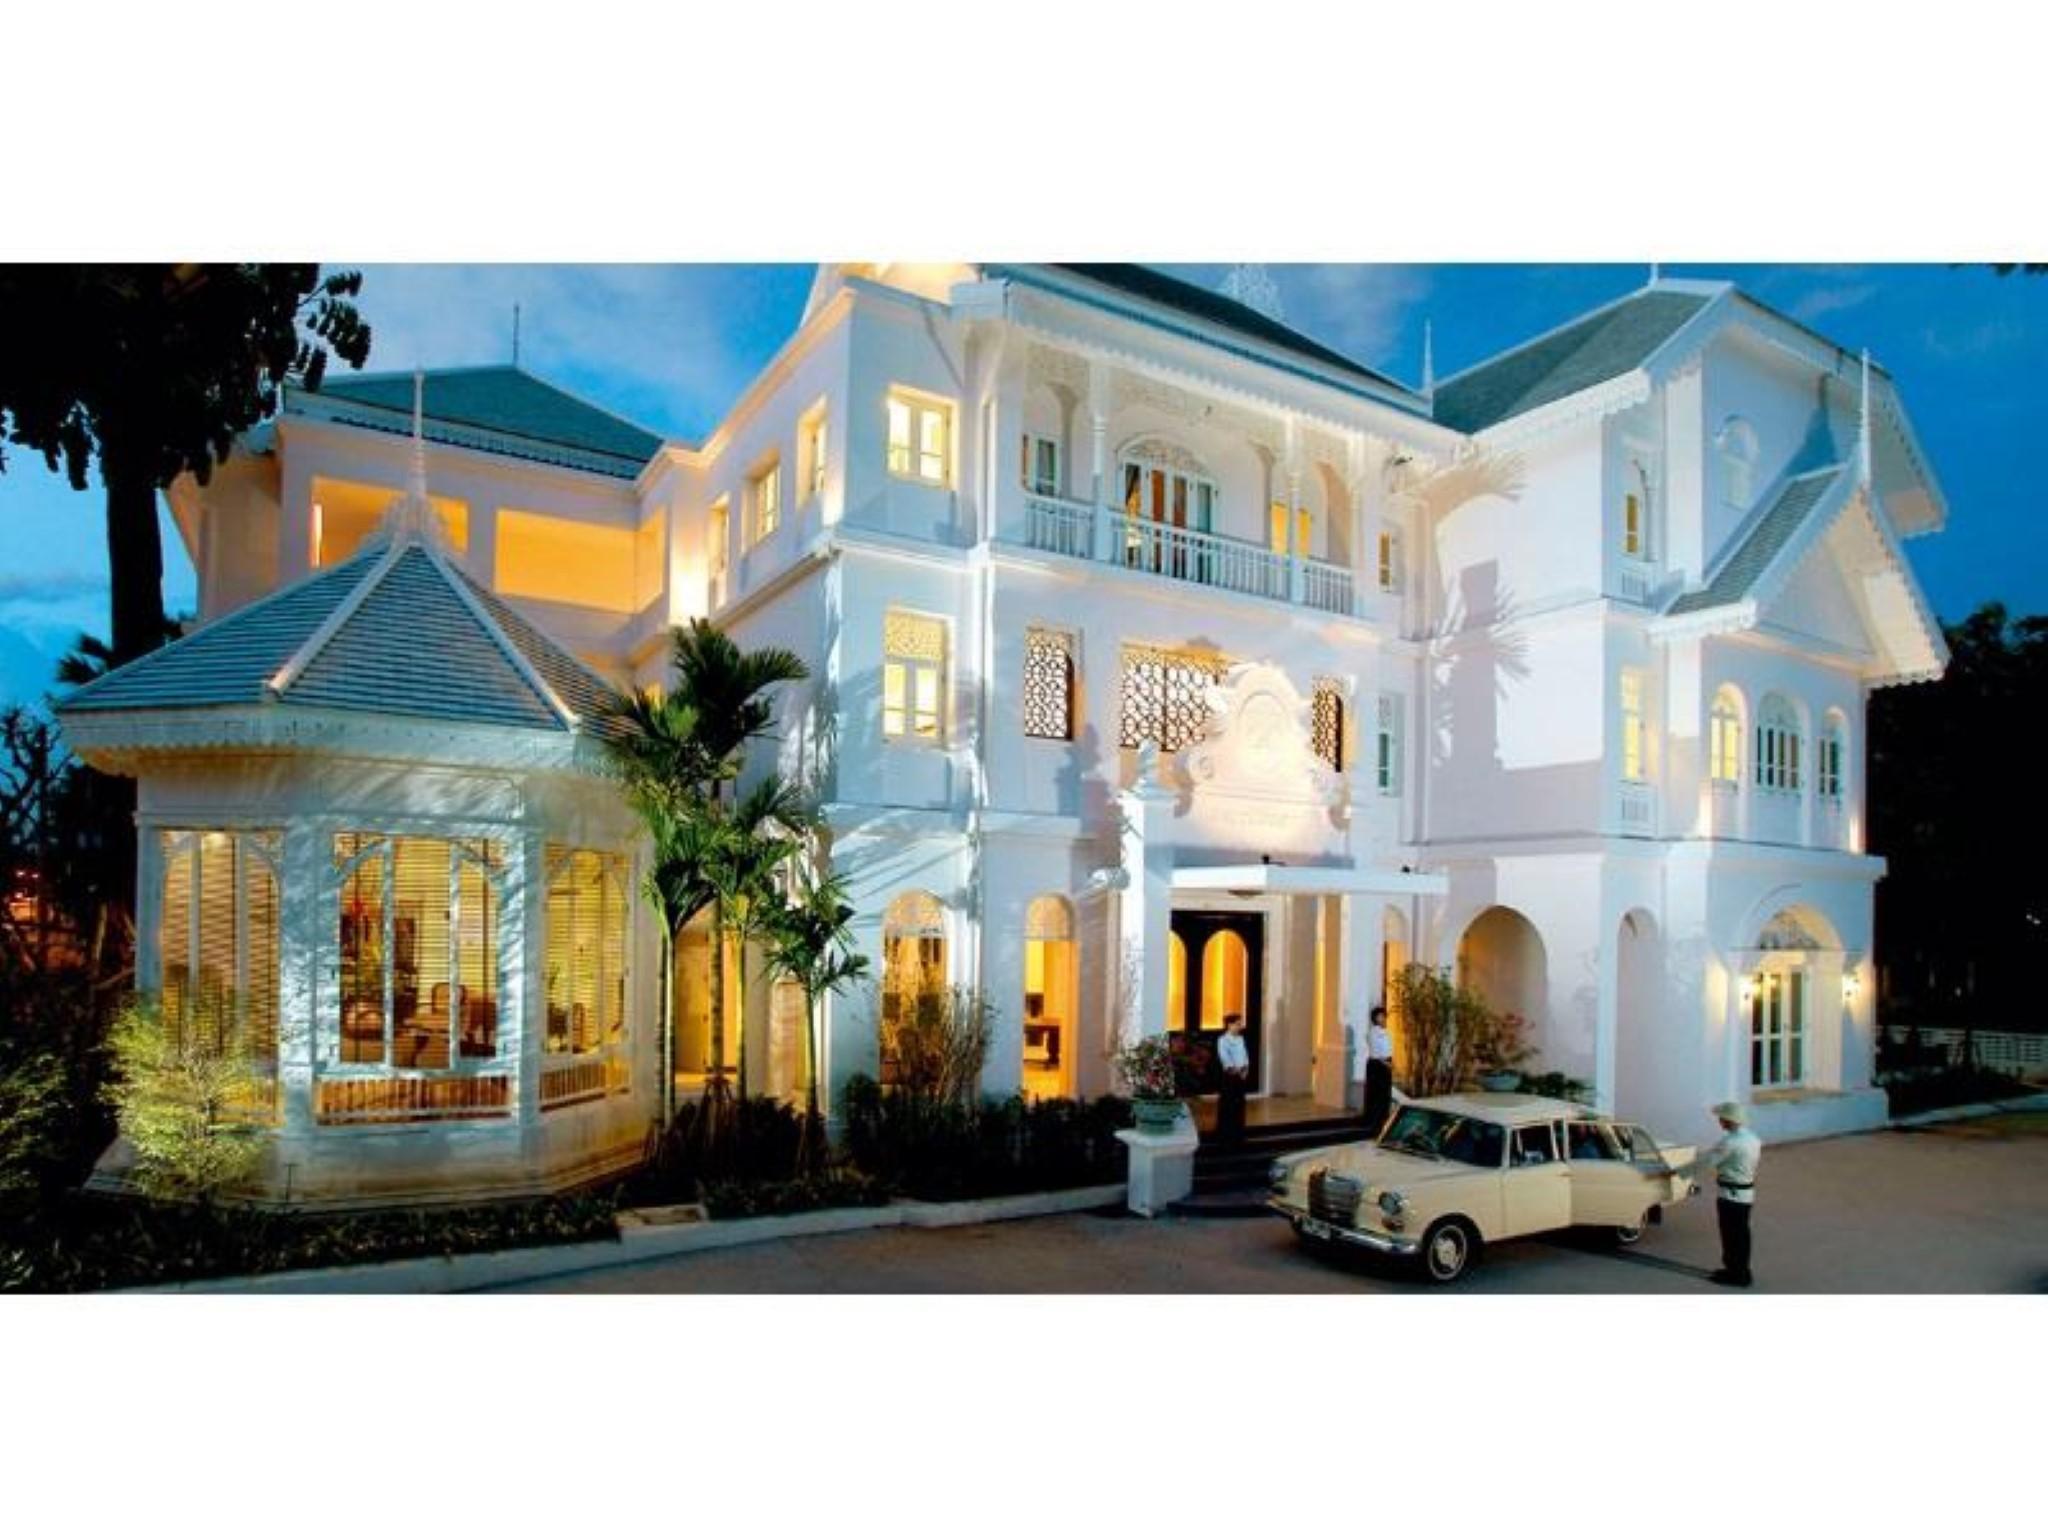 ลดราคาพิเศษ ปิง นครา บูติค โฮเต็ล แอนด์ สปา (Ping Nakara Boutique Hotel and Spa)